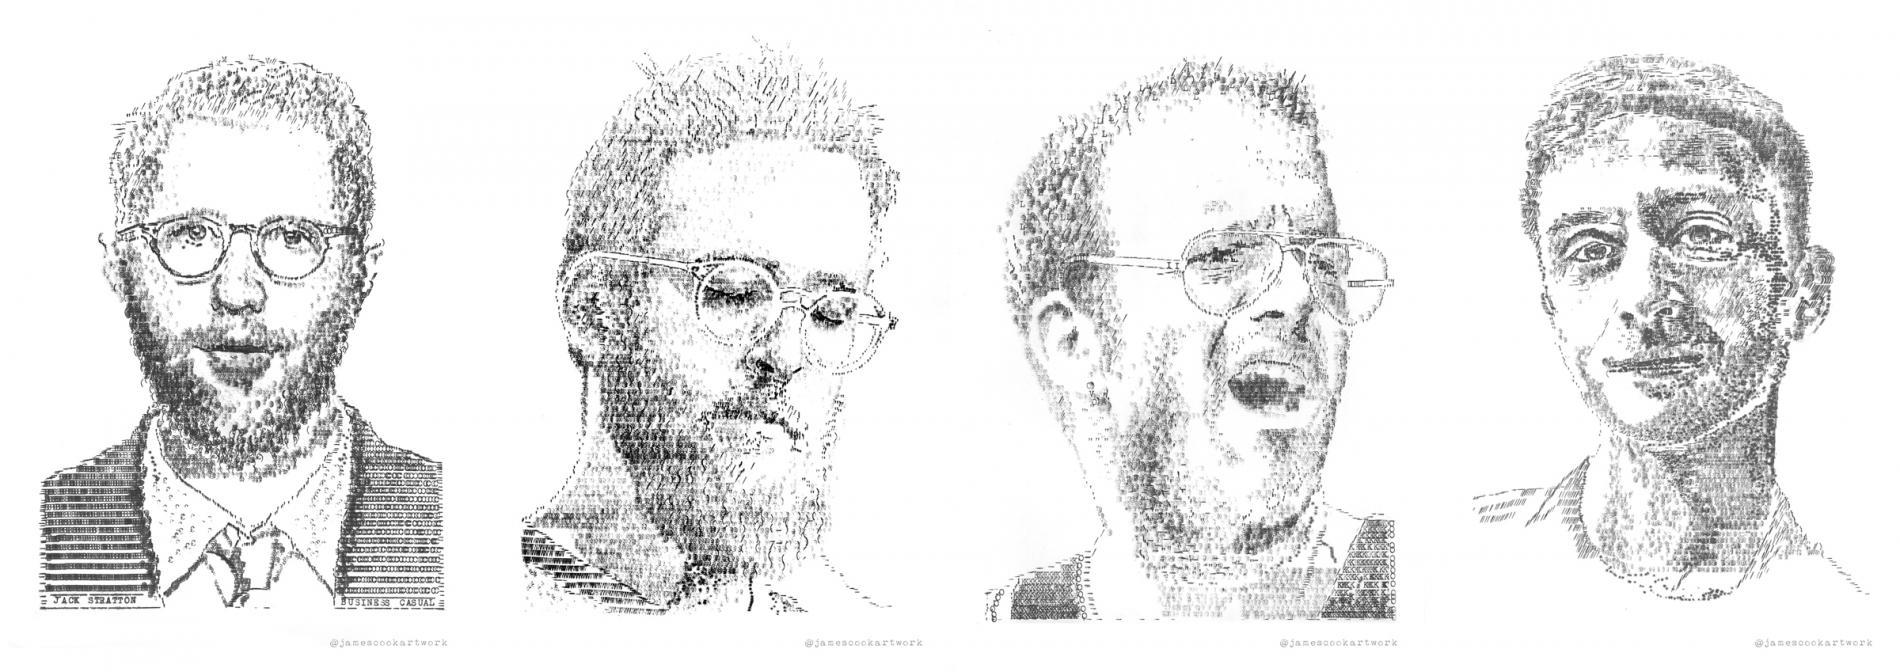 retratos james cook tipografia